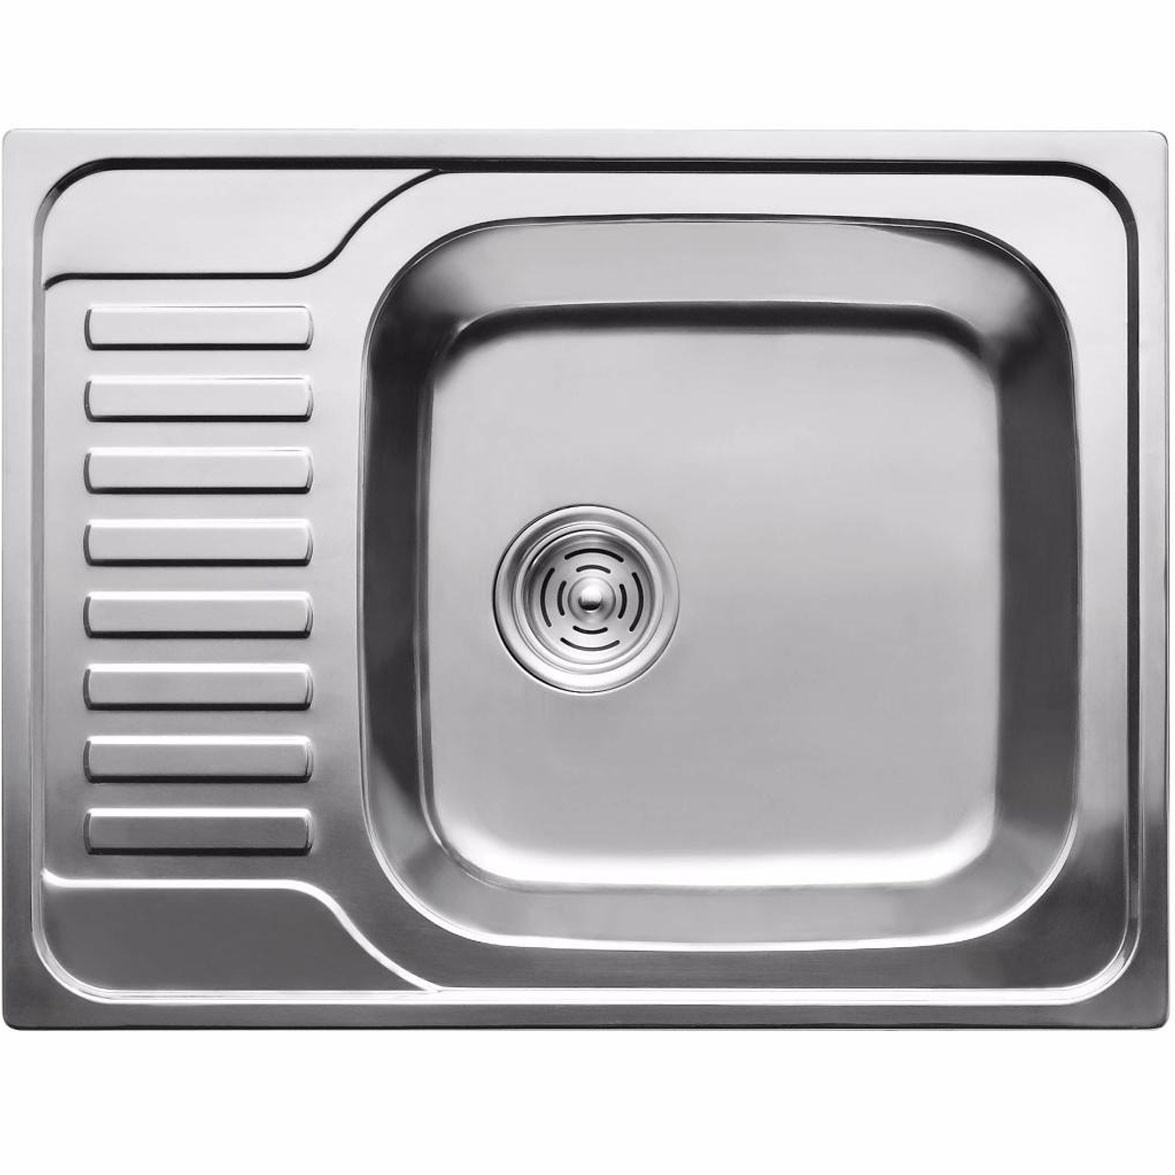 Кухонная мойка из нержавеющей стали ULA 7202 ZS satin  08mm